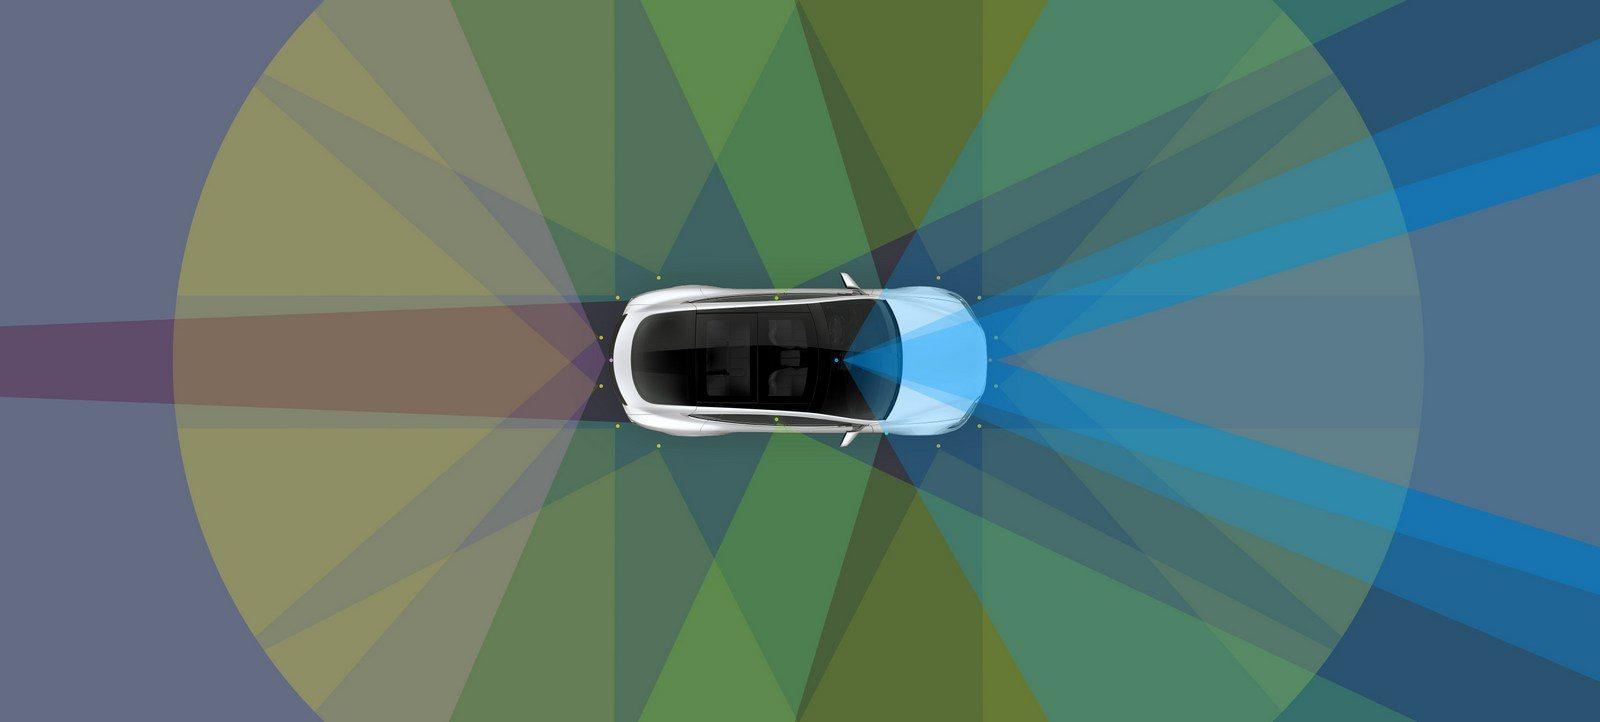 Tesla-AMD-Autonomous-Driving-Chip-6